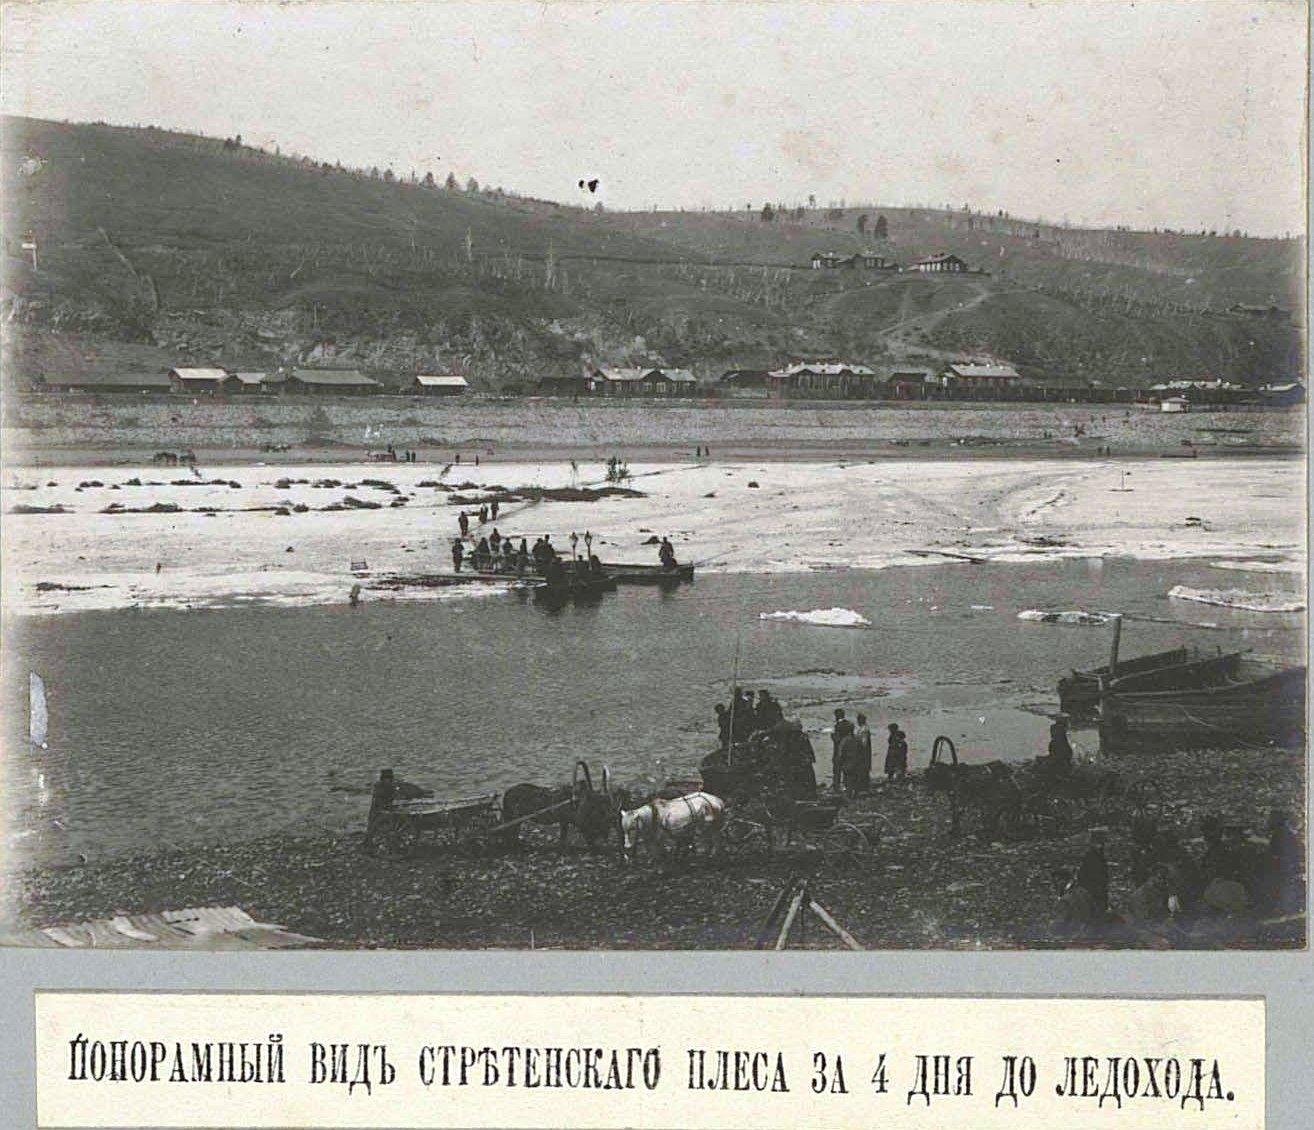 16. Панорамный вид Сретенского плёса за четыре дня до ледохода